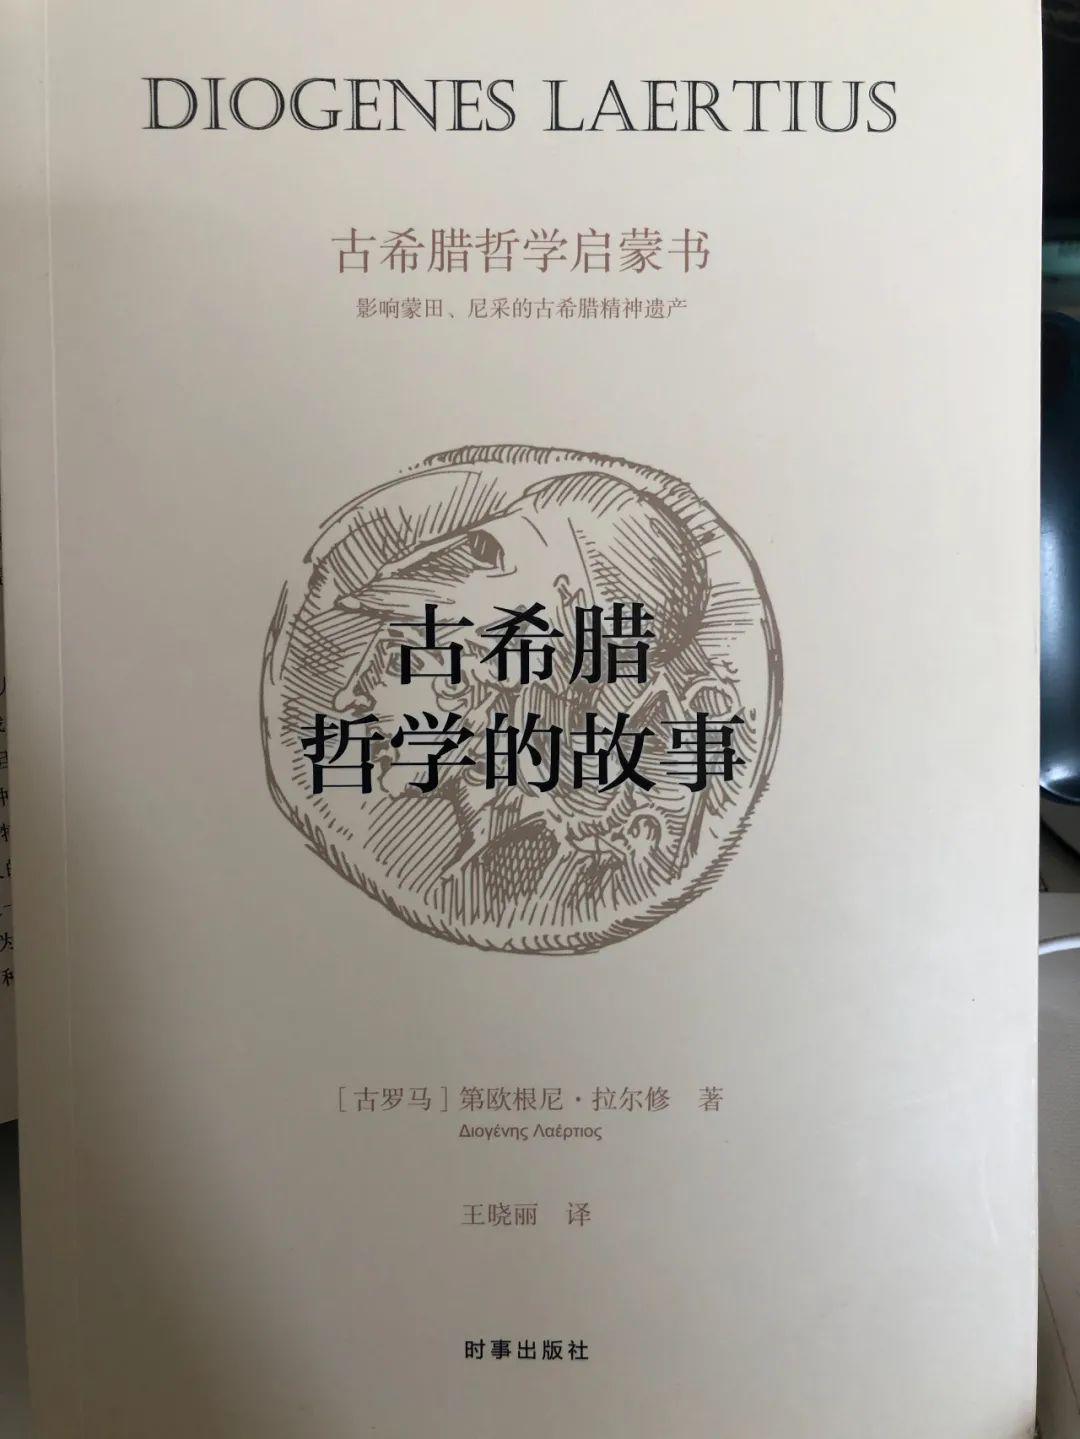 坤鹏论:前苏格拉底哲学之总结(下)-坤鹏论